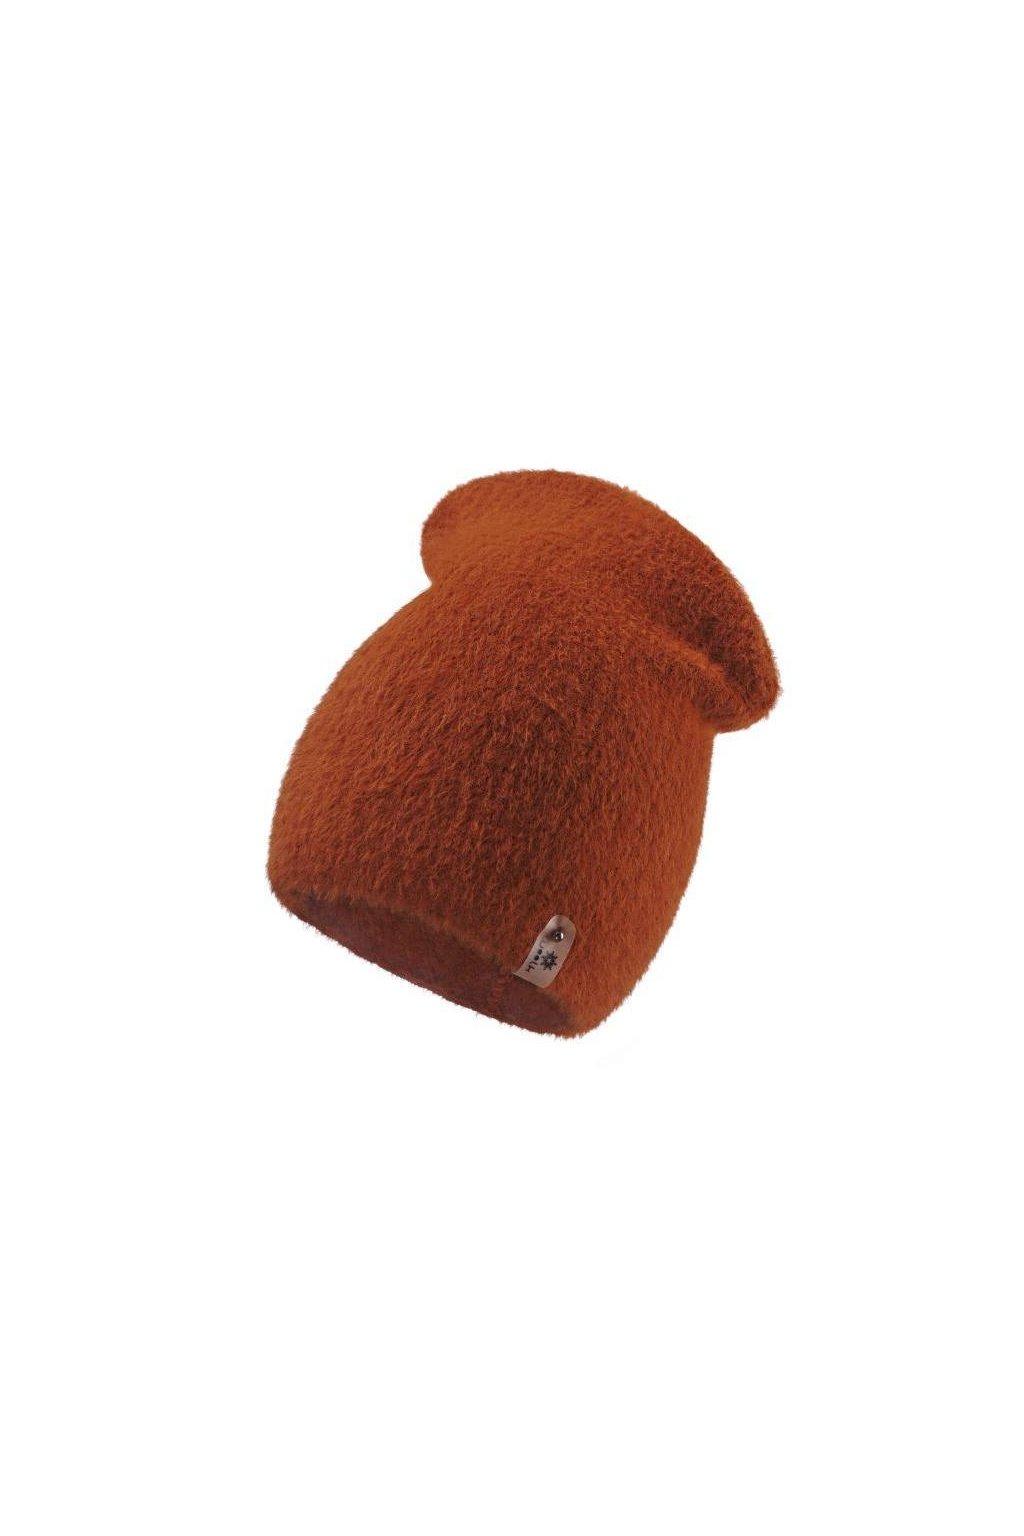 ČEPICE woolk LARA KOŇAK ČEPICE